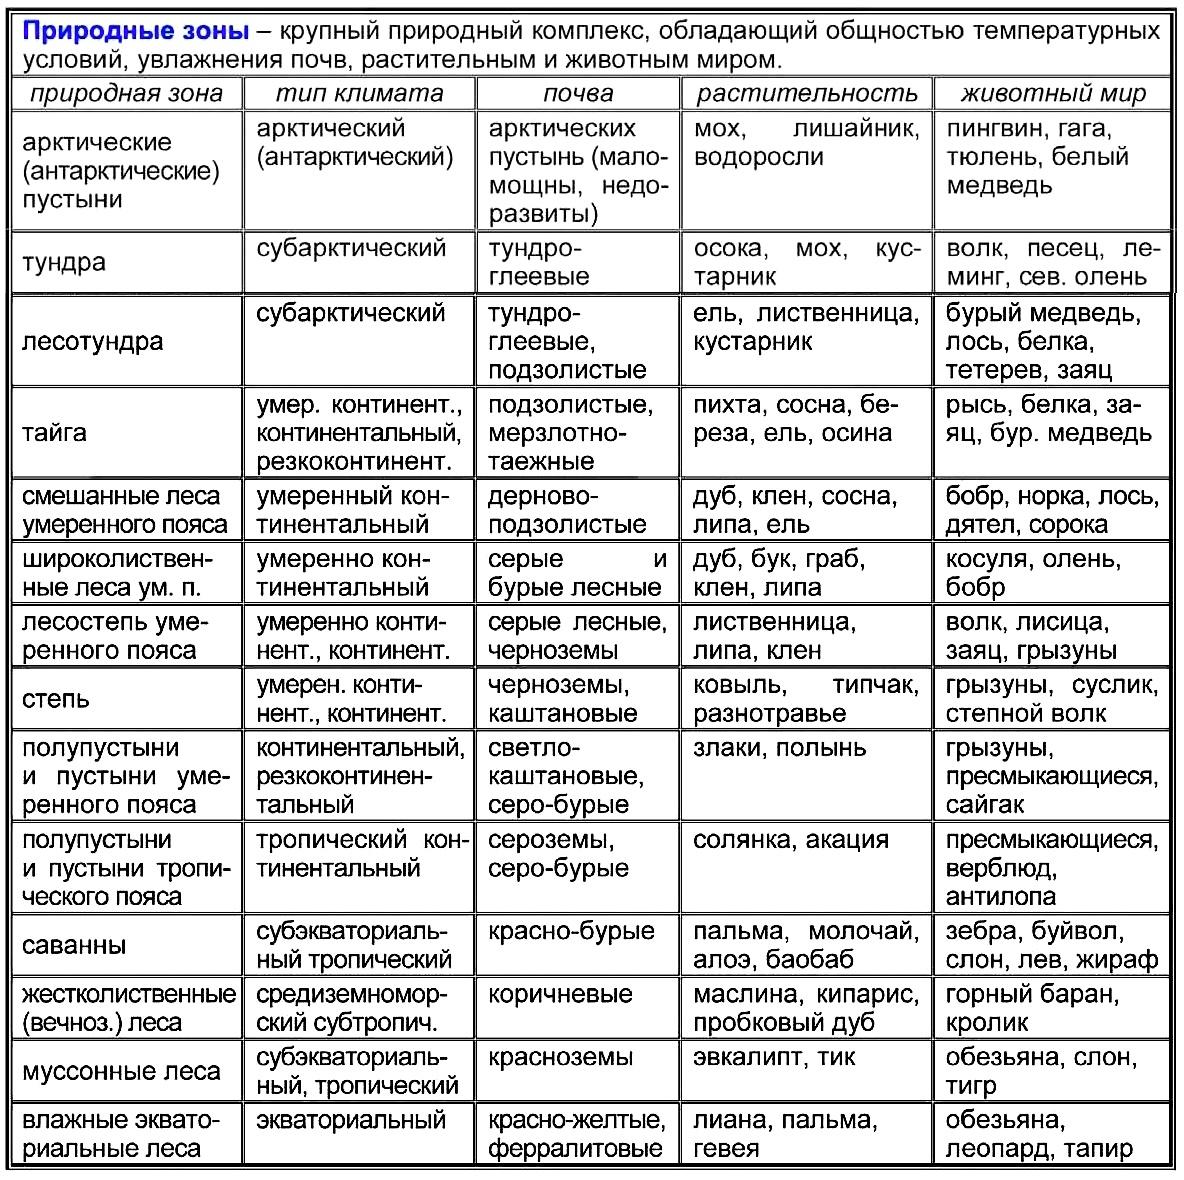 зоны география евразия таблица природные